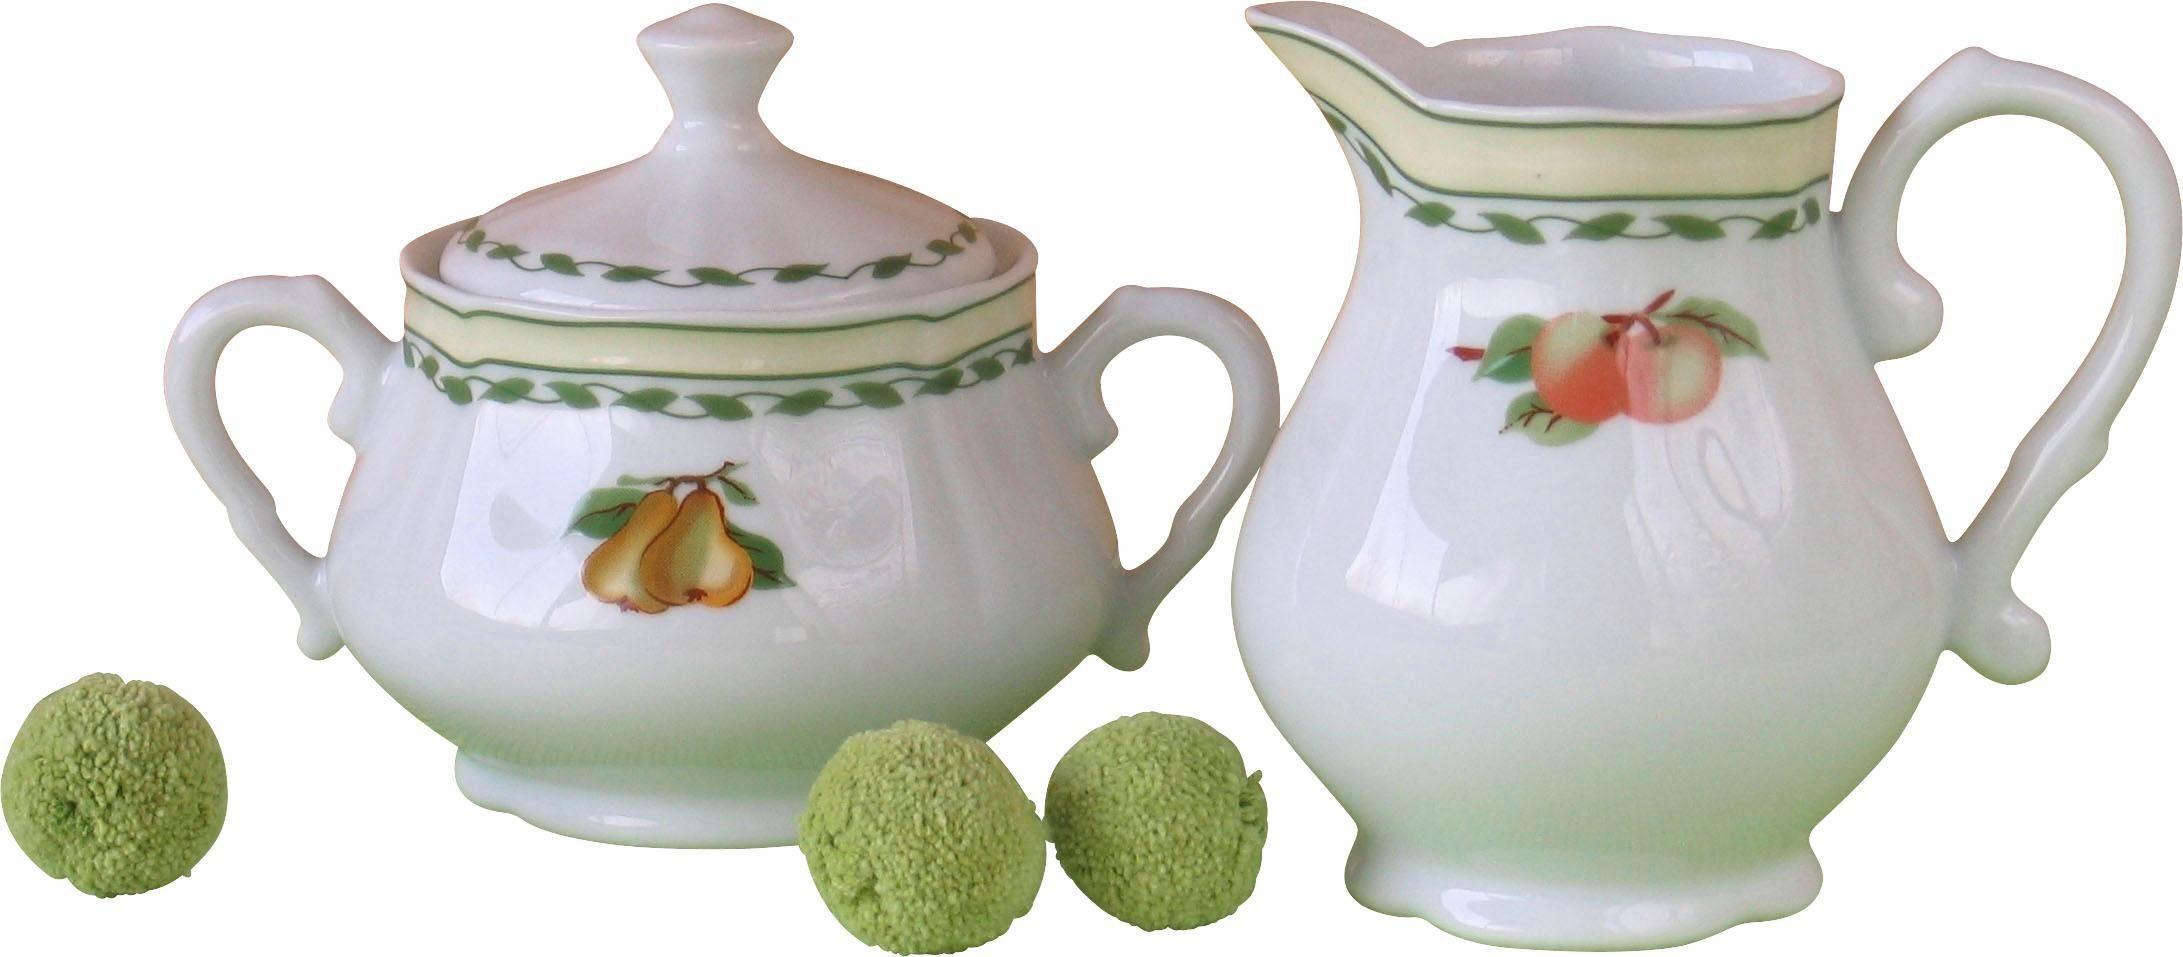 CreaTable Milch-/Zucker-Set, Porzellan, »Alba Obst« (2-teilig)